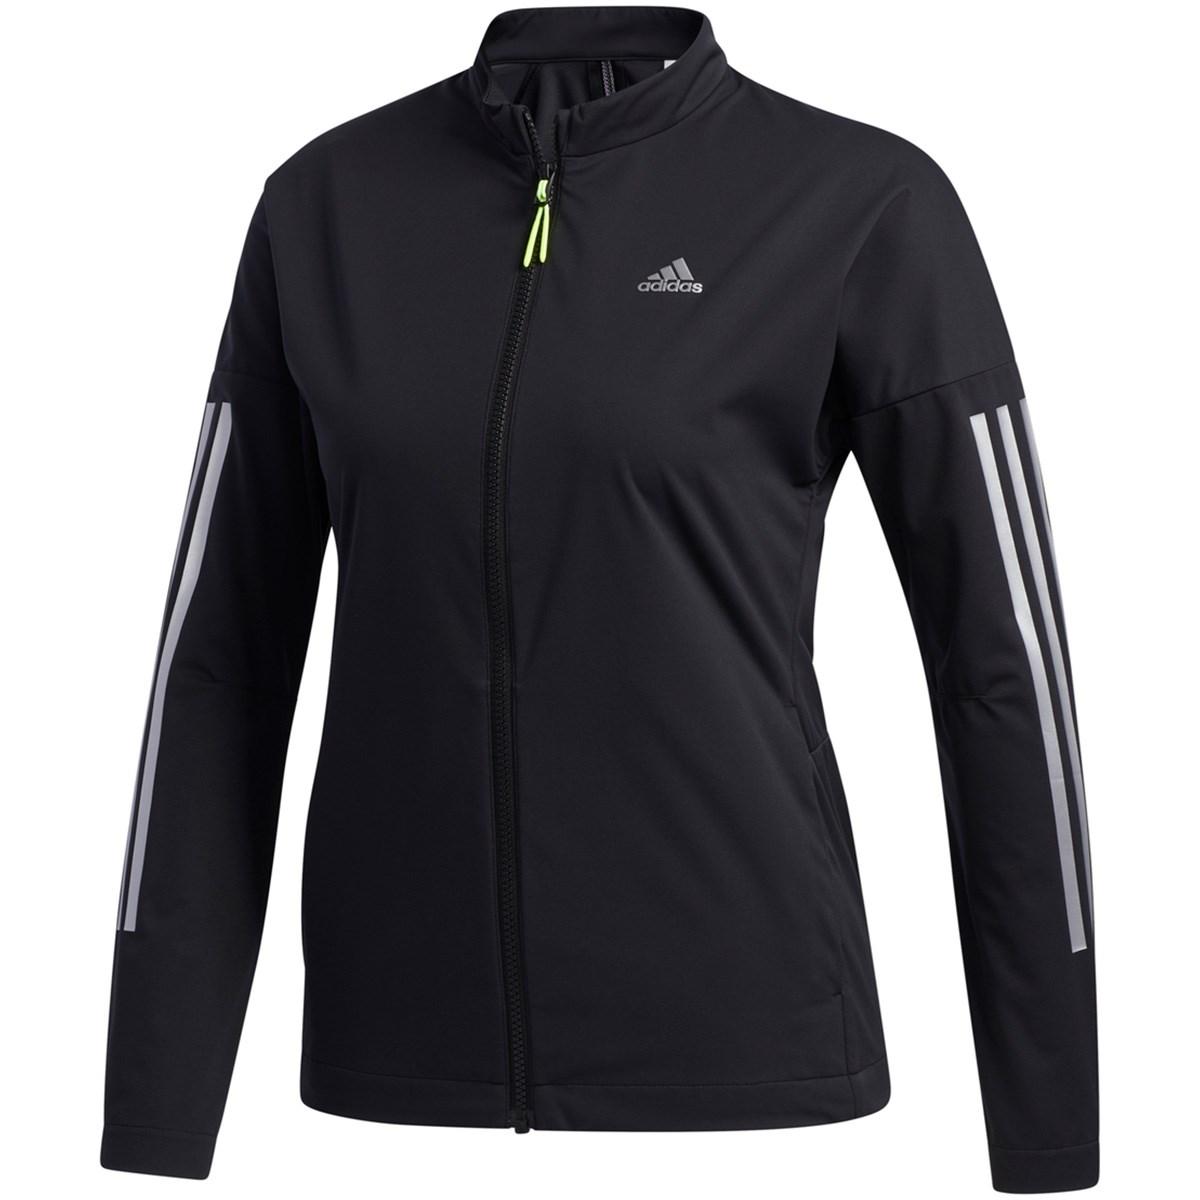 アディダス Adidas スリーレイヤー 長袖ストレッチフルジップウインドジャケット J/OT ブラック レディス